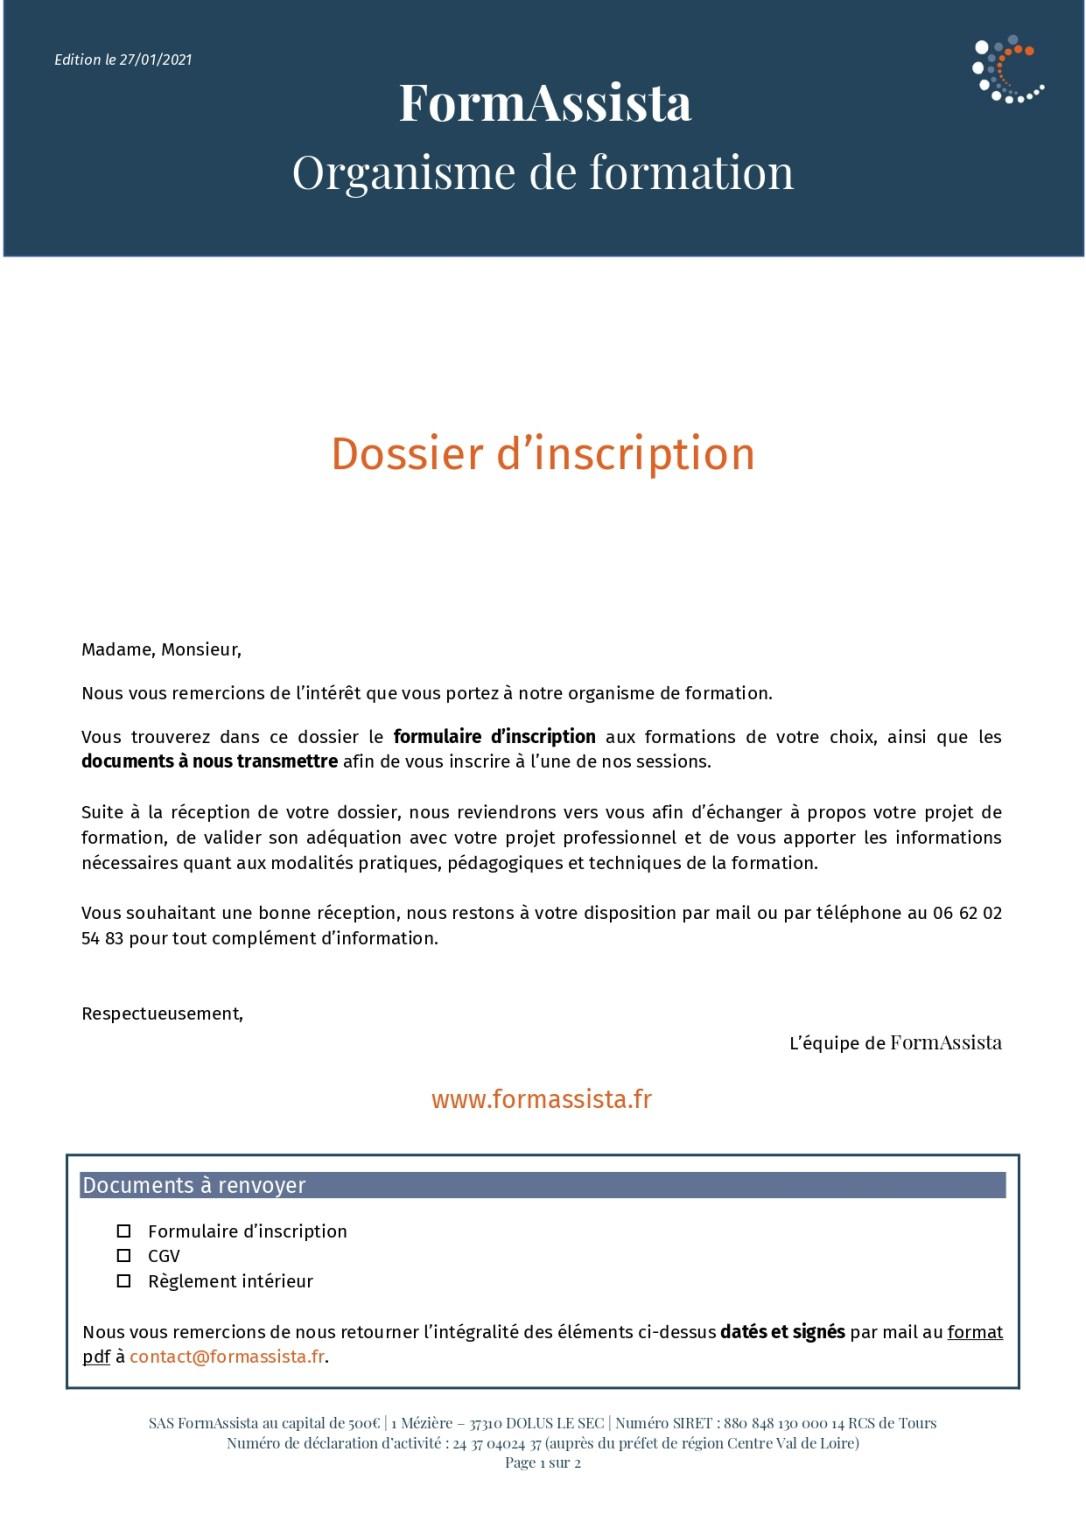 Formulaire d'inscription FormAssista